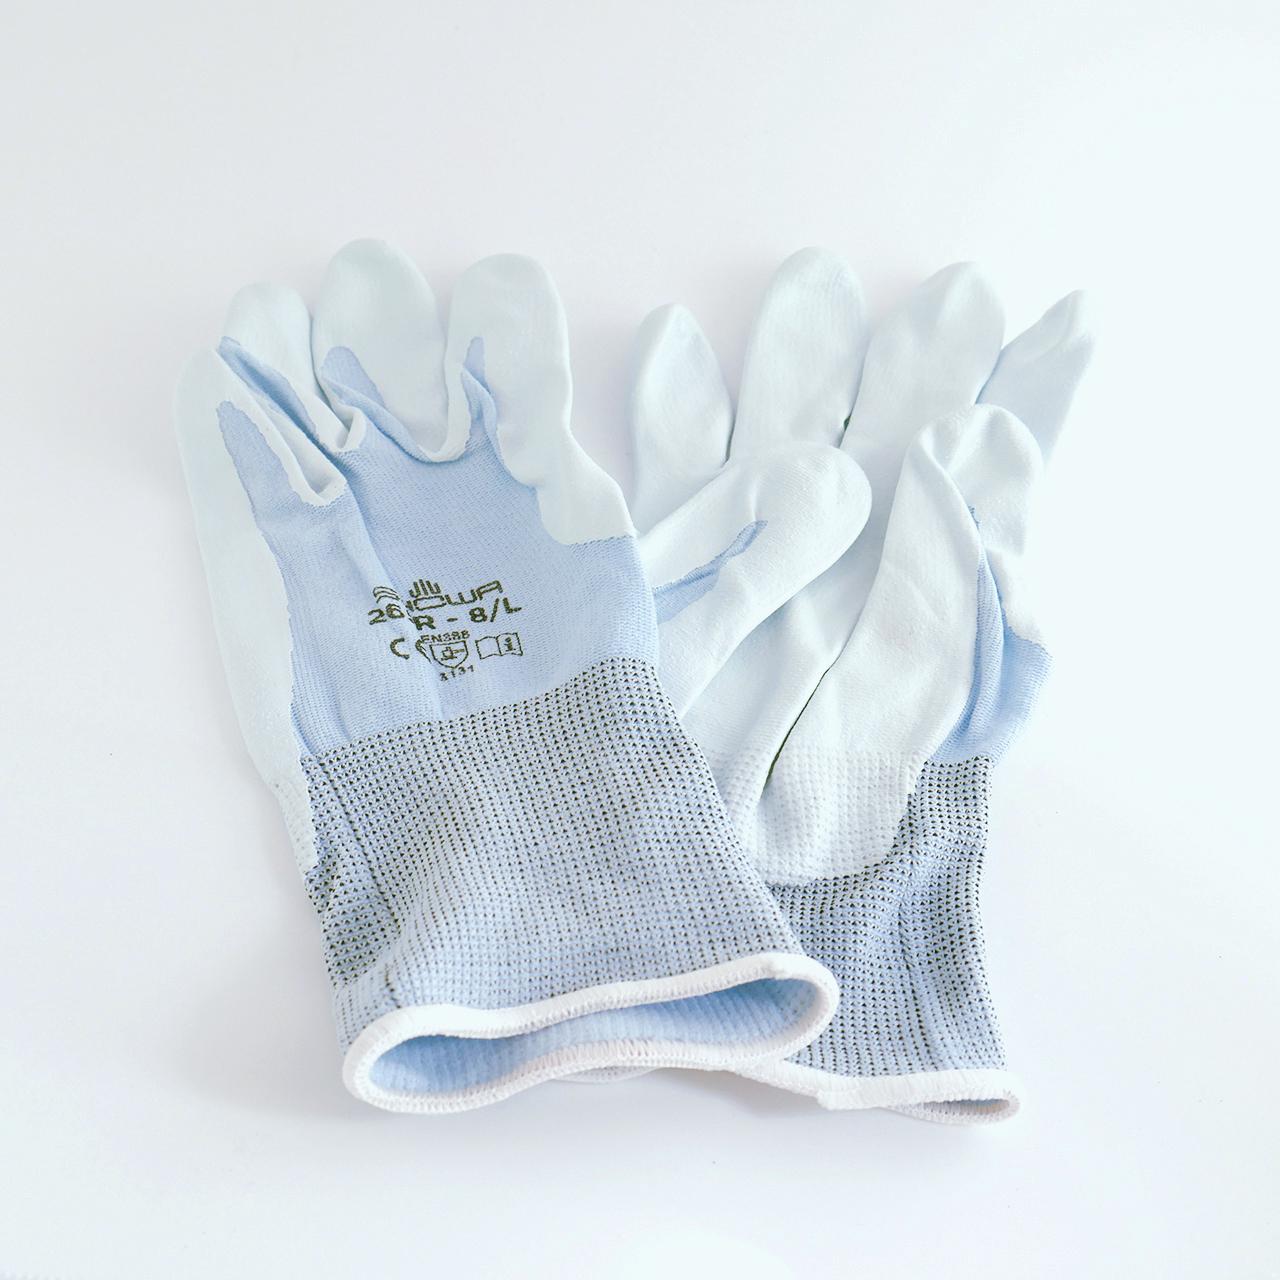 Schutzhandschuhe für Glas G 8/L